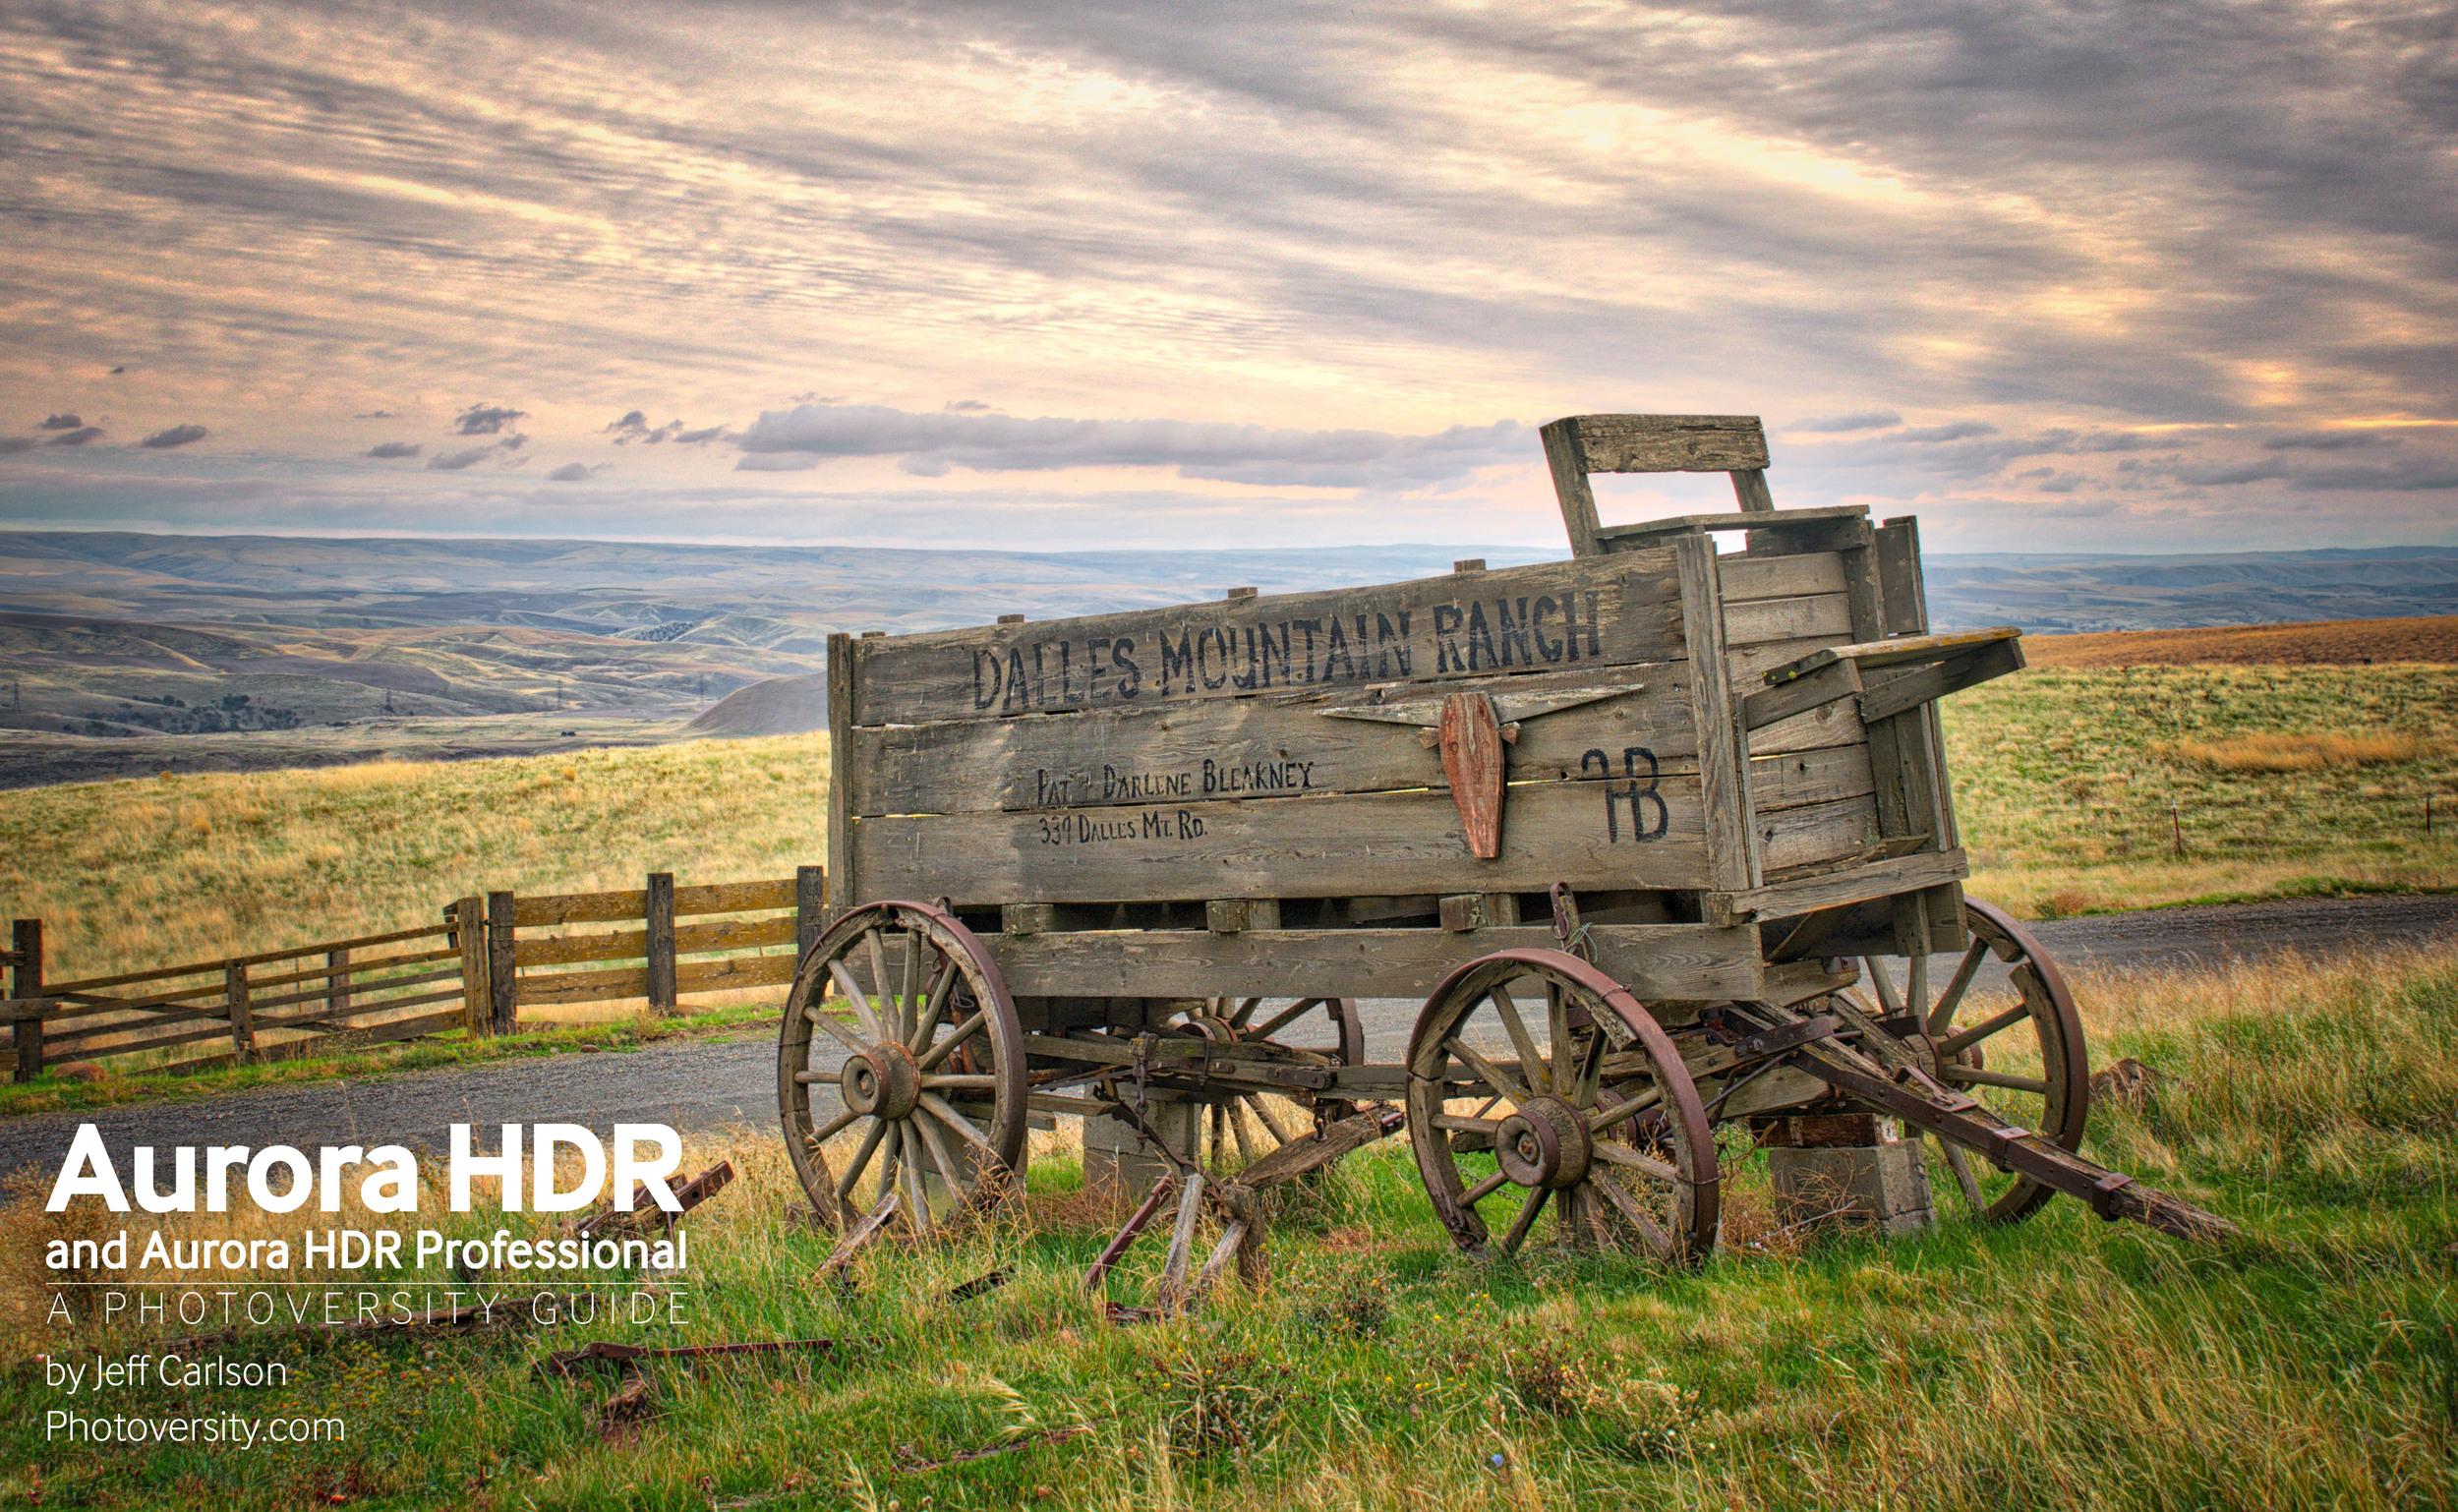 AuroraHDR_Guide_Wagon_HDR.jpg